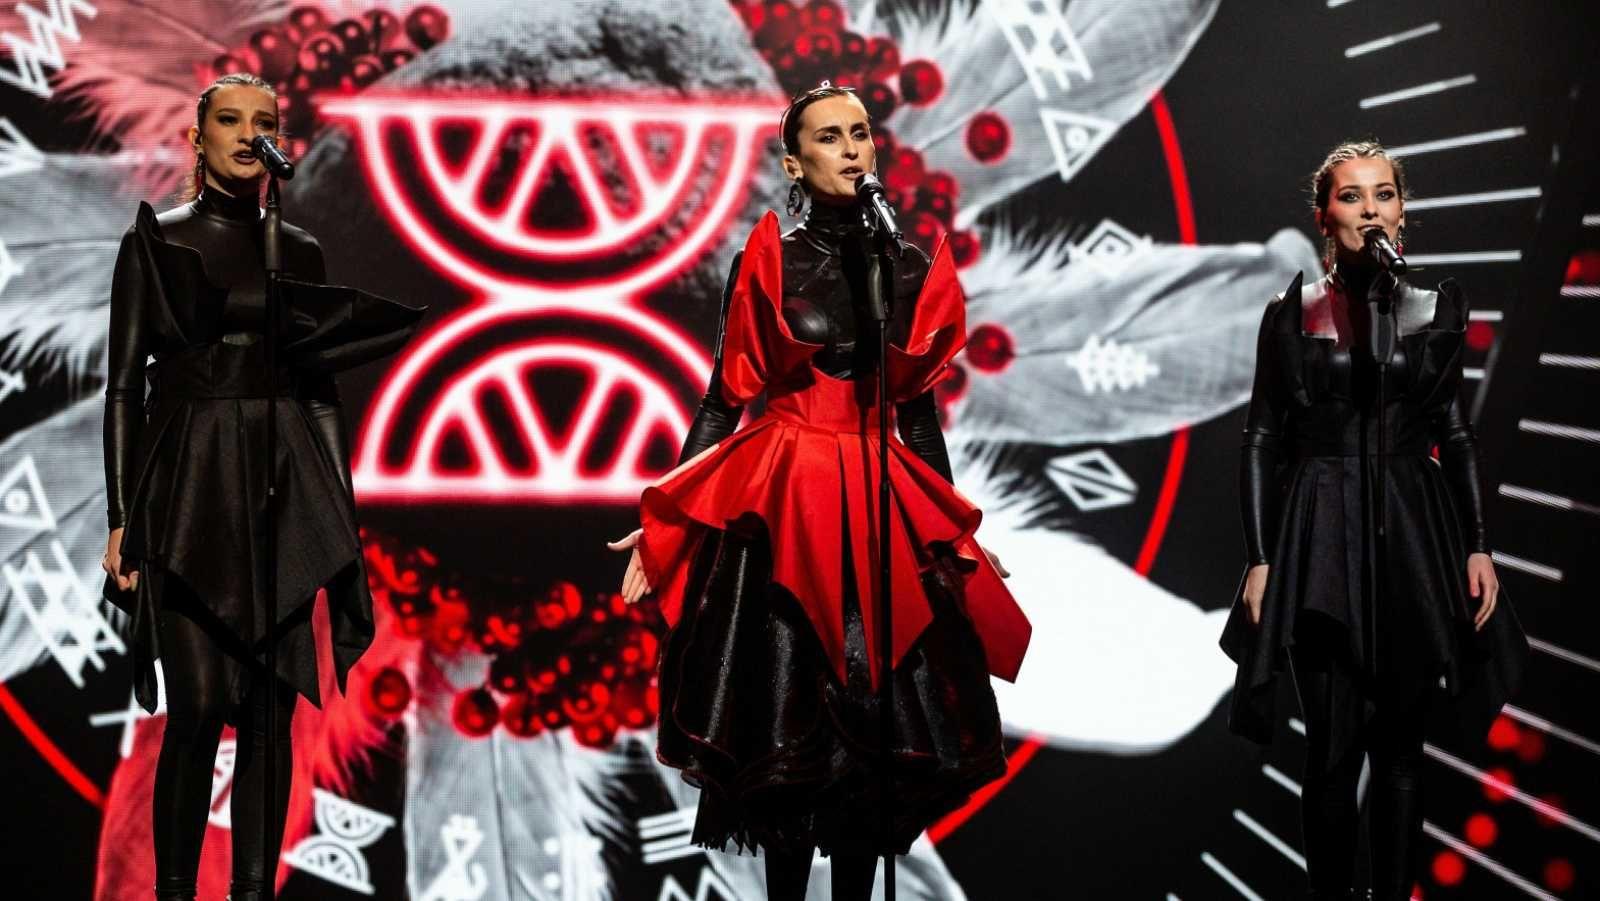 """""""Евровидение 2021"""": группа Go_A выступит под счастливым номером. Где и когда смотреть конкурс"""